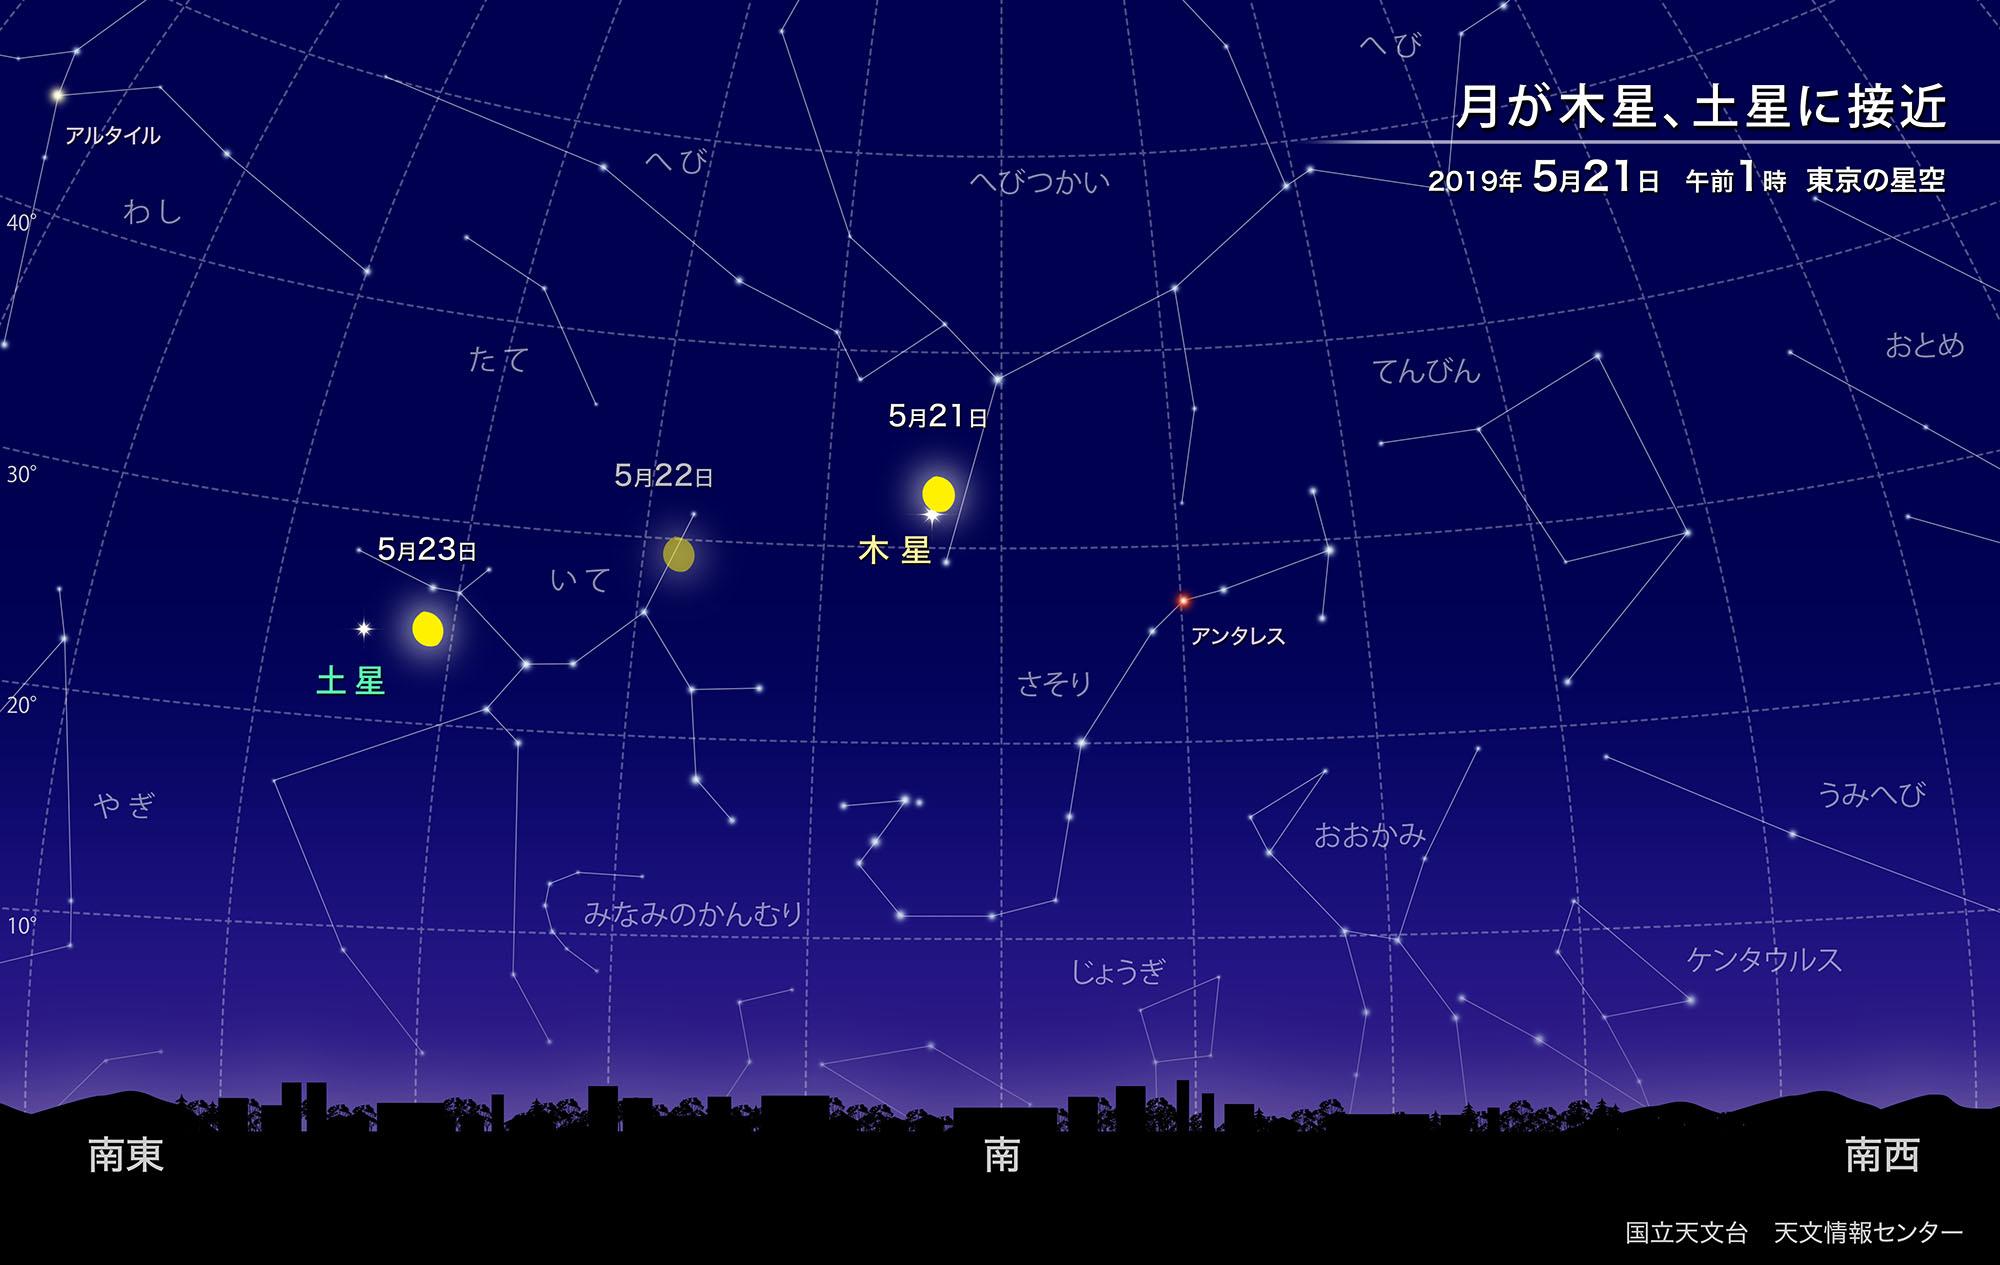 月が木星、土星に接近(2019年5月) | 国立天文台(NAOJ)